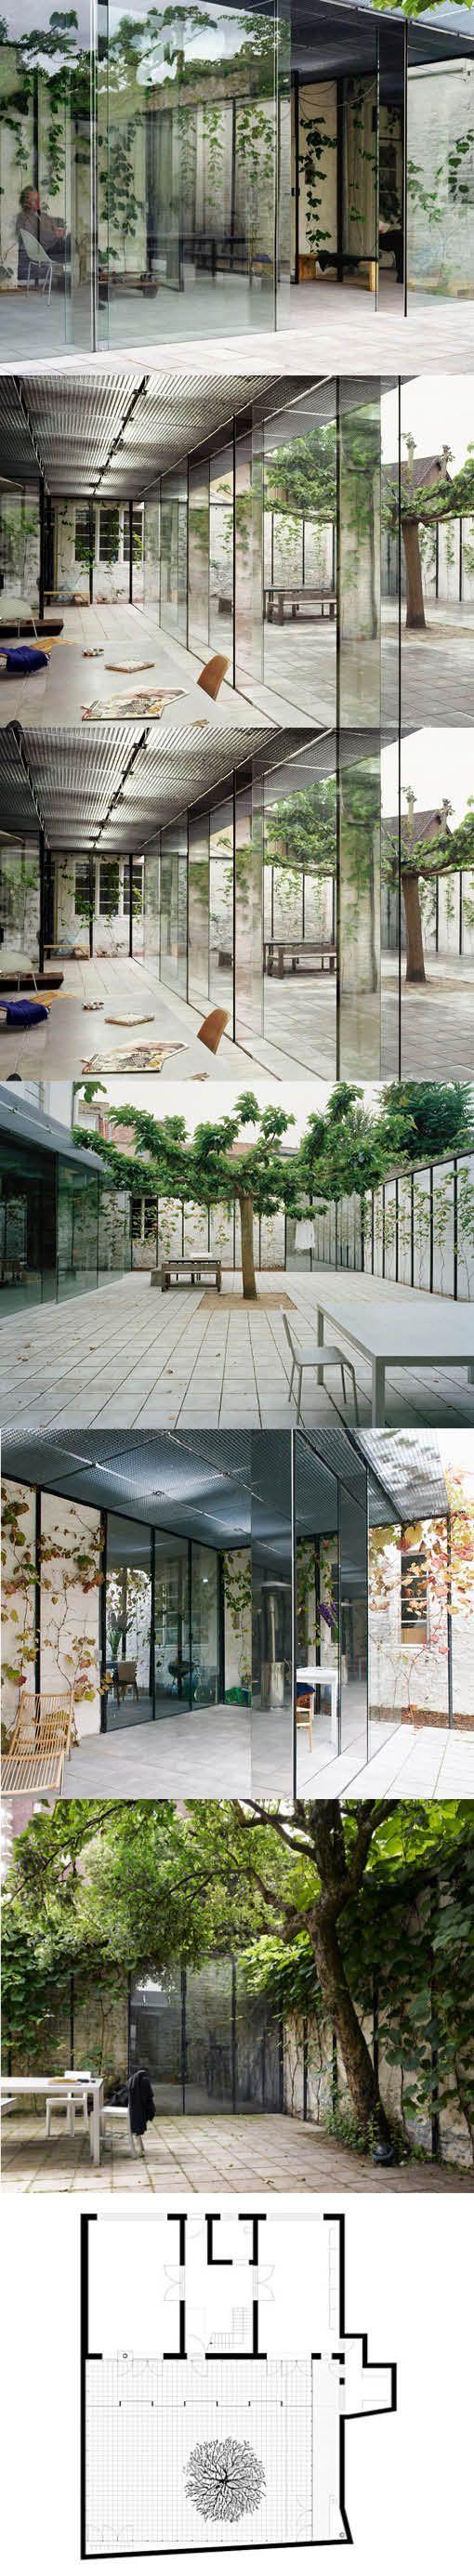 2007 Kersten Geers David van Severen - Summerhouse extension / Ghent Belgium / Office KGDVS / minimalism / glass